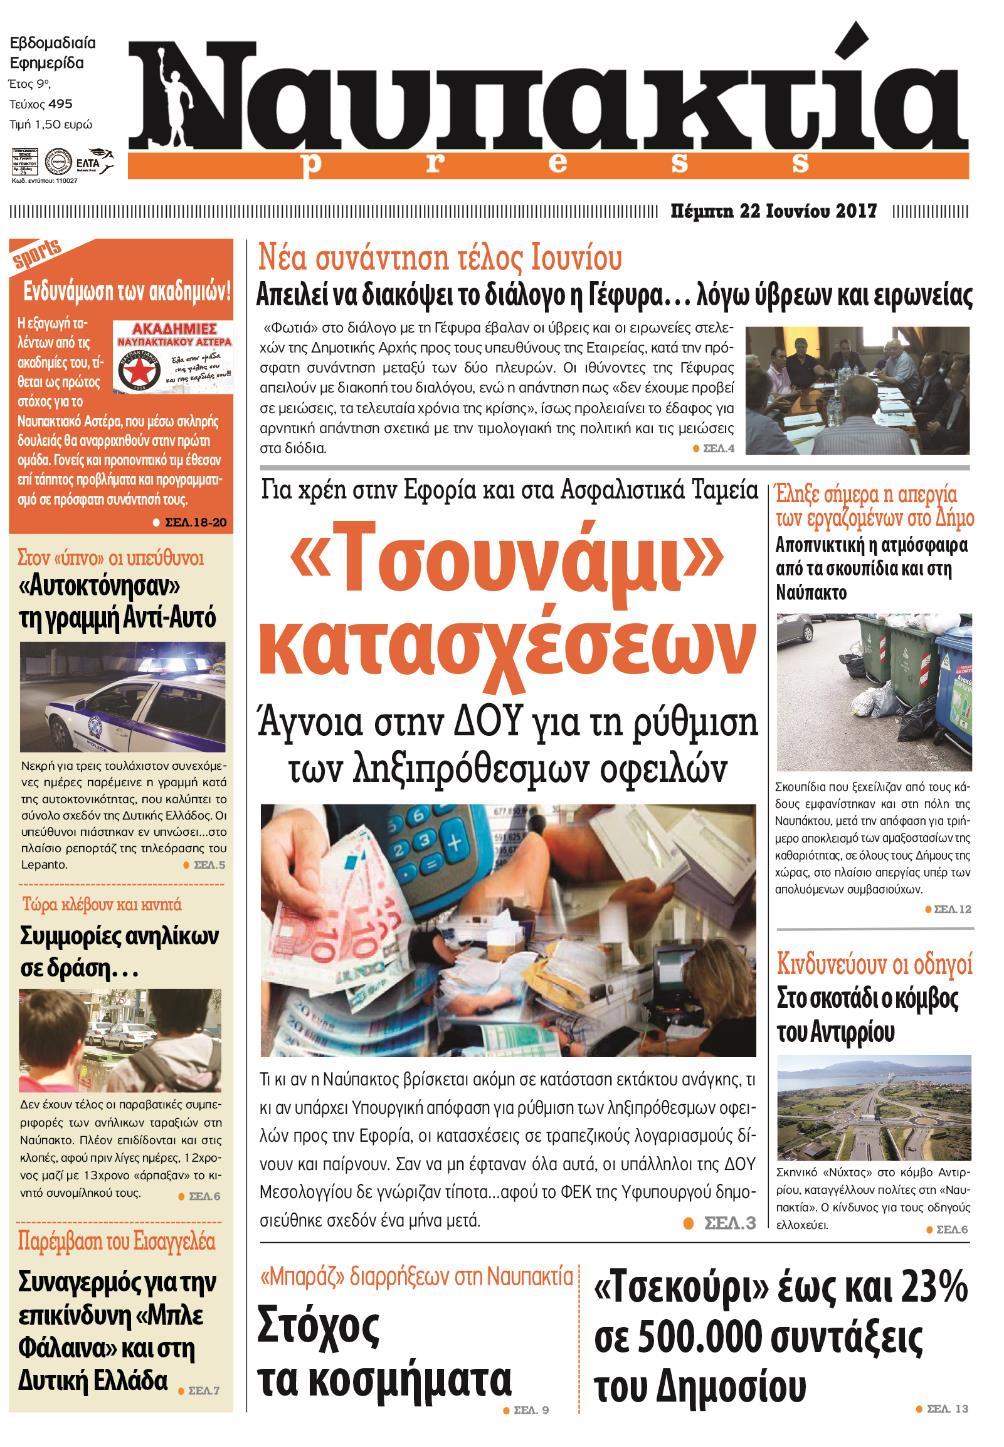 Ναυπακτία Press 22/6/2017